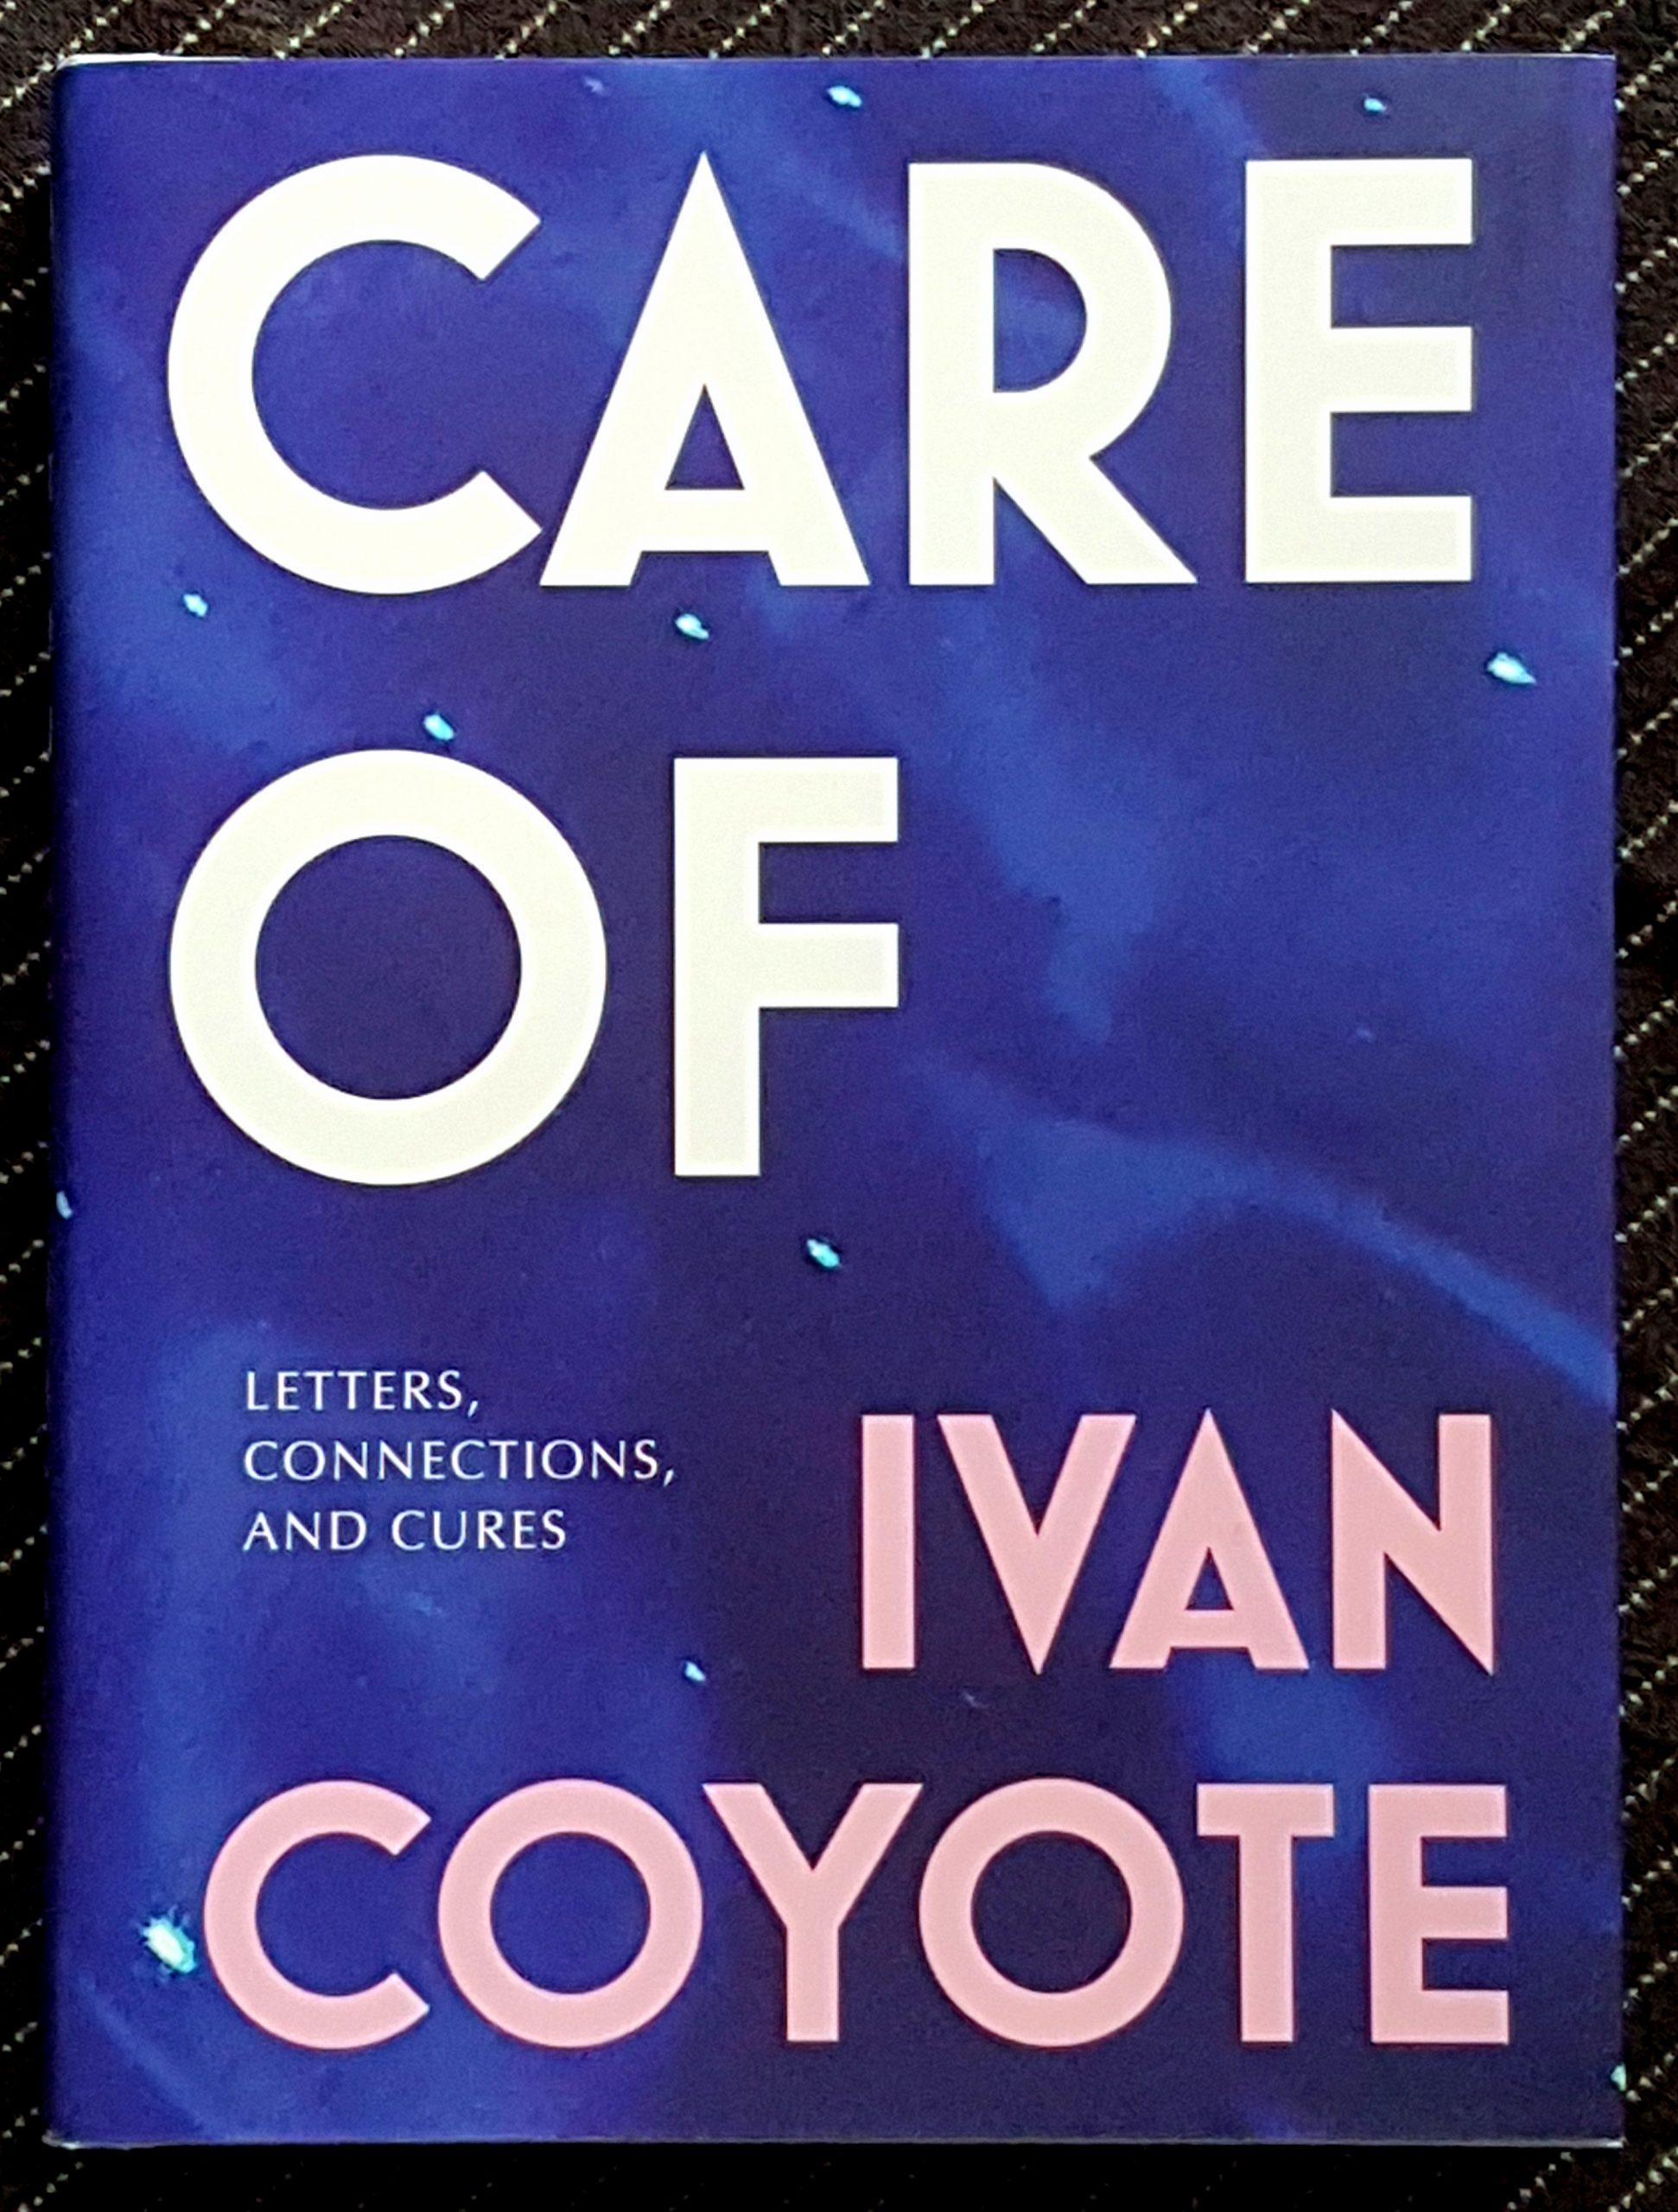 Buchdeckel von »Care Of« von Ivan Coyote. Der Titel steht in riesigen weißen Großbuchstaben auf blauem Untergrund mit türkisen Reflexen. Kleiner, aber auch in Großbuchstaben der Text: Letters, Connections and Cures. Darunter der Name auch sehr groß in rosa.